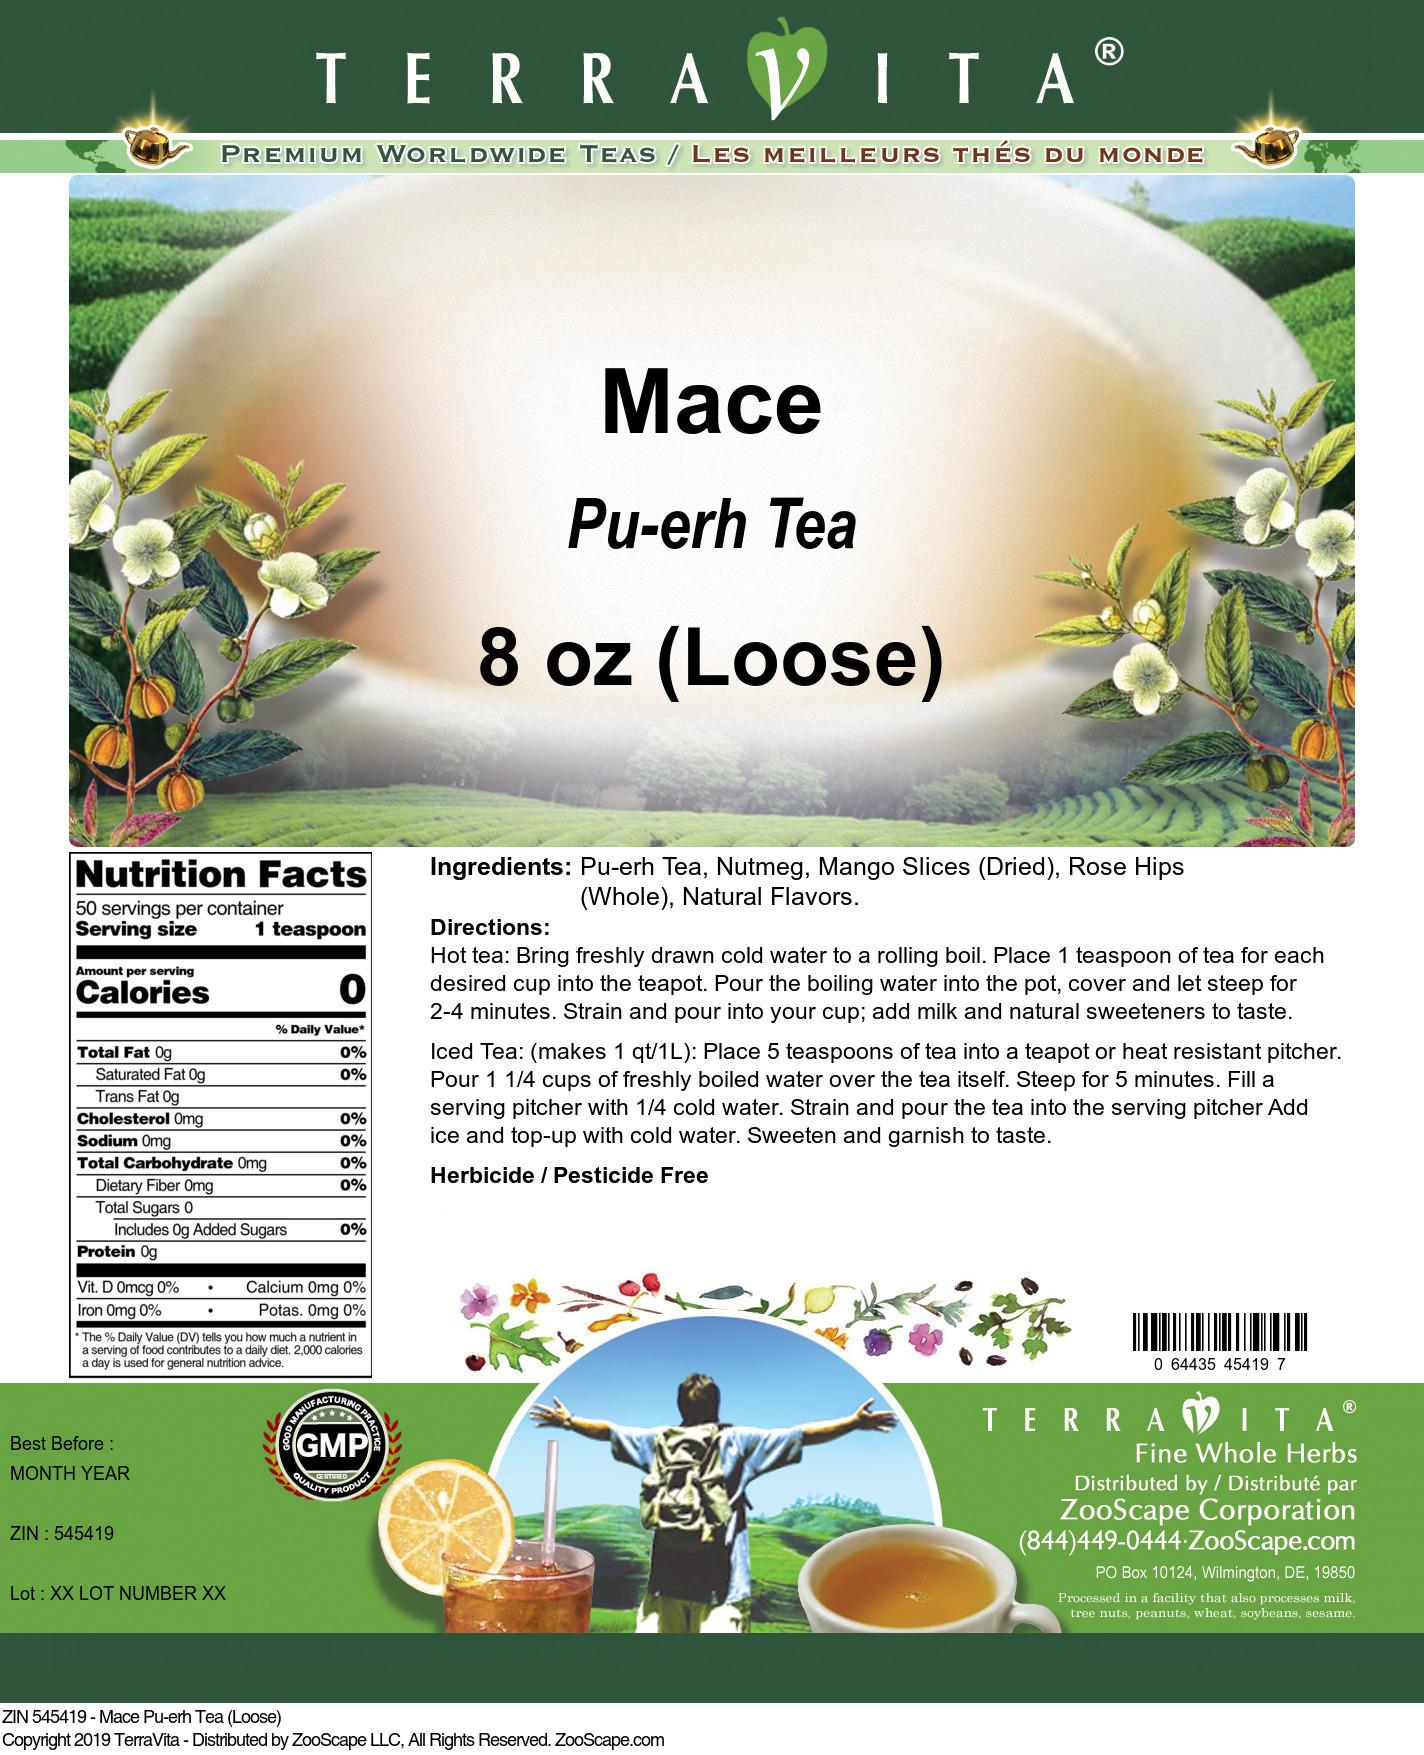 Mace Pu-erh Tea (Loose)